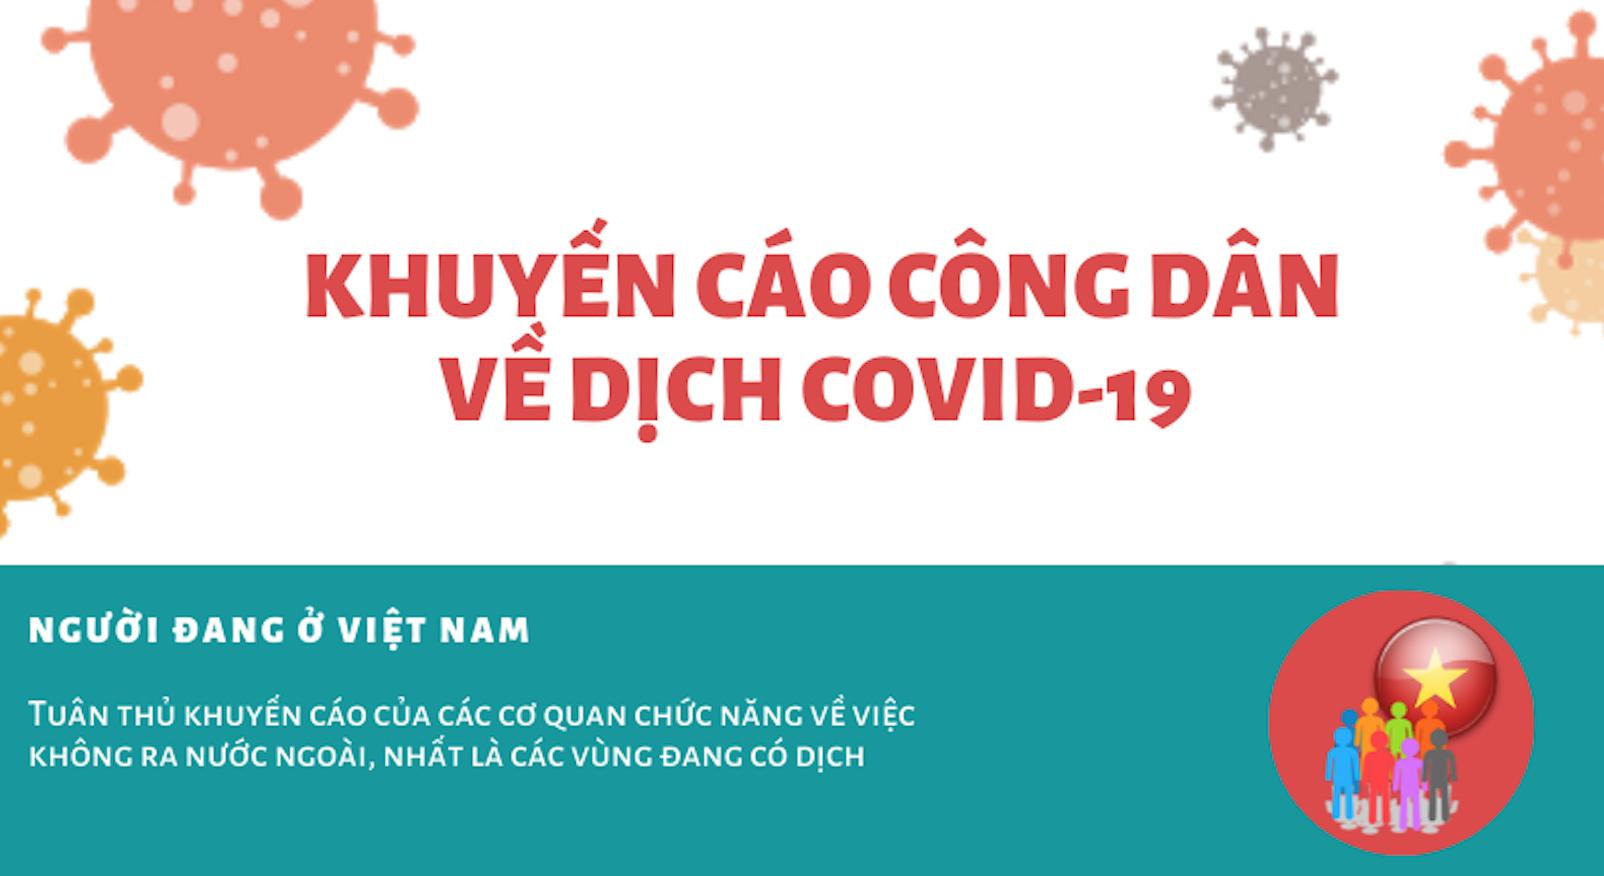 THÔNG BÁO 17: KHUYẾN CÁO CÔNG DÂN VỀ DỊCH COVID-19